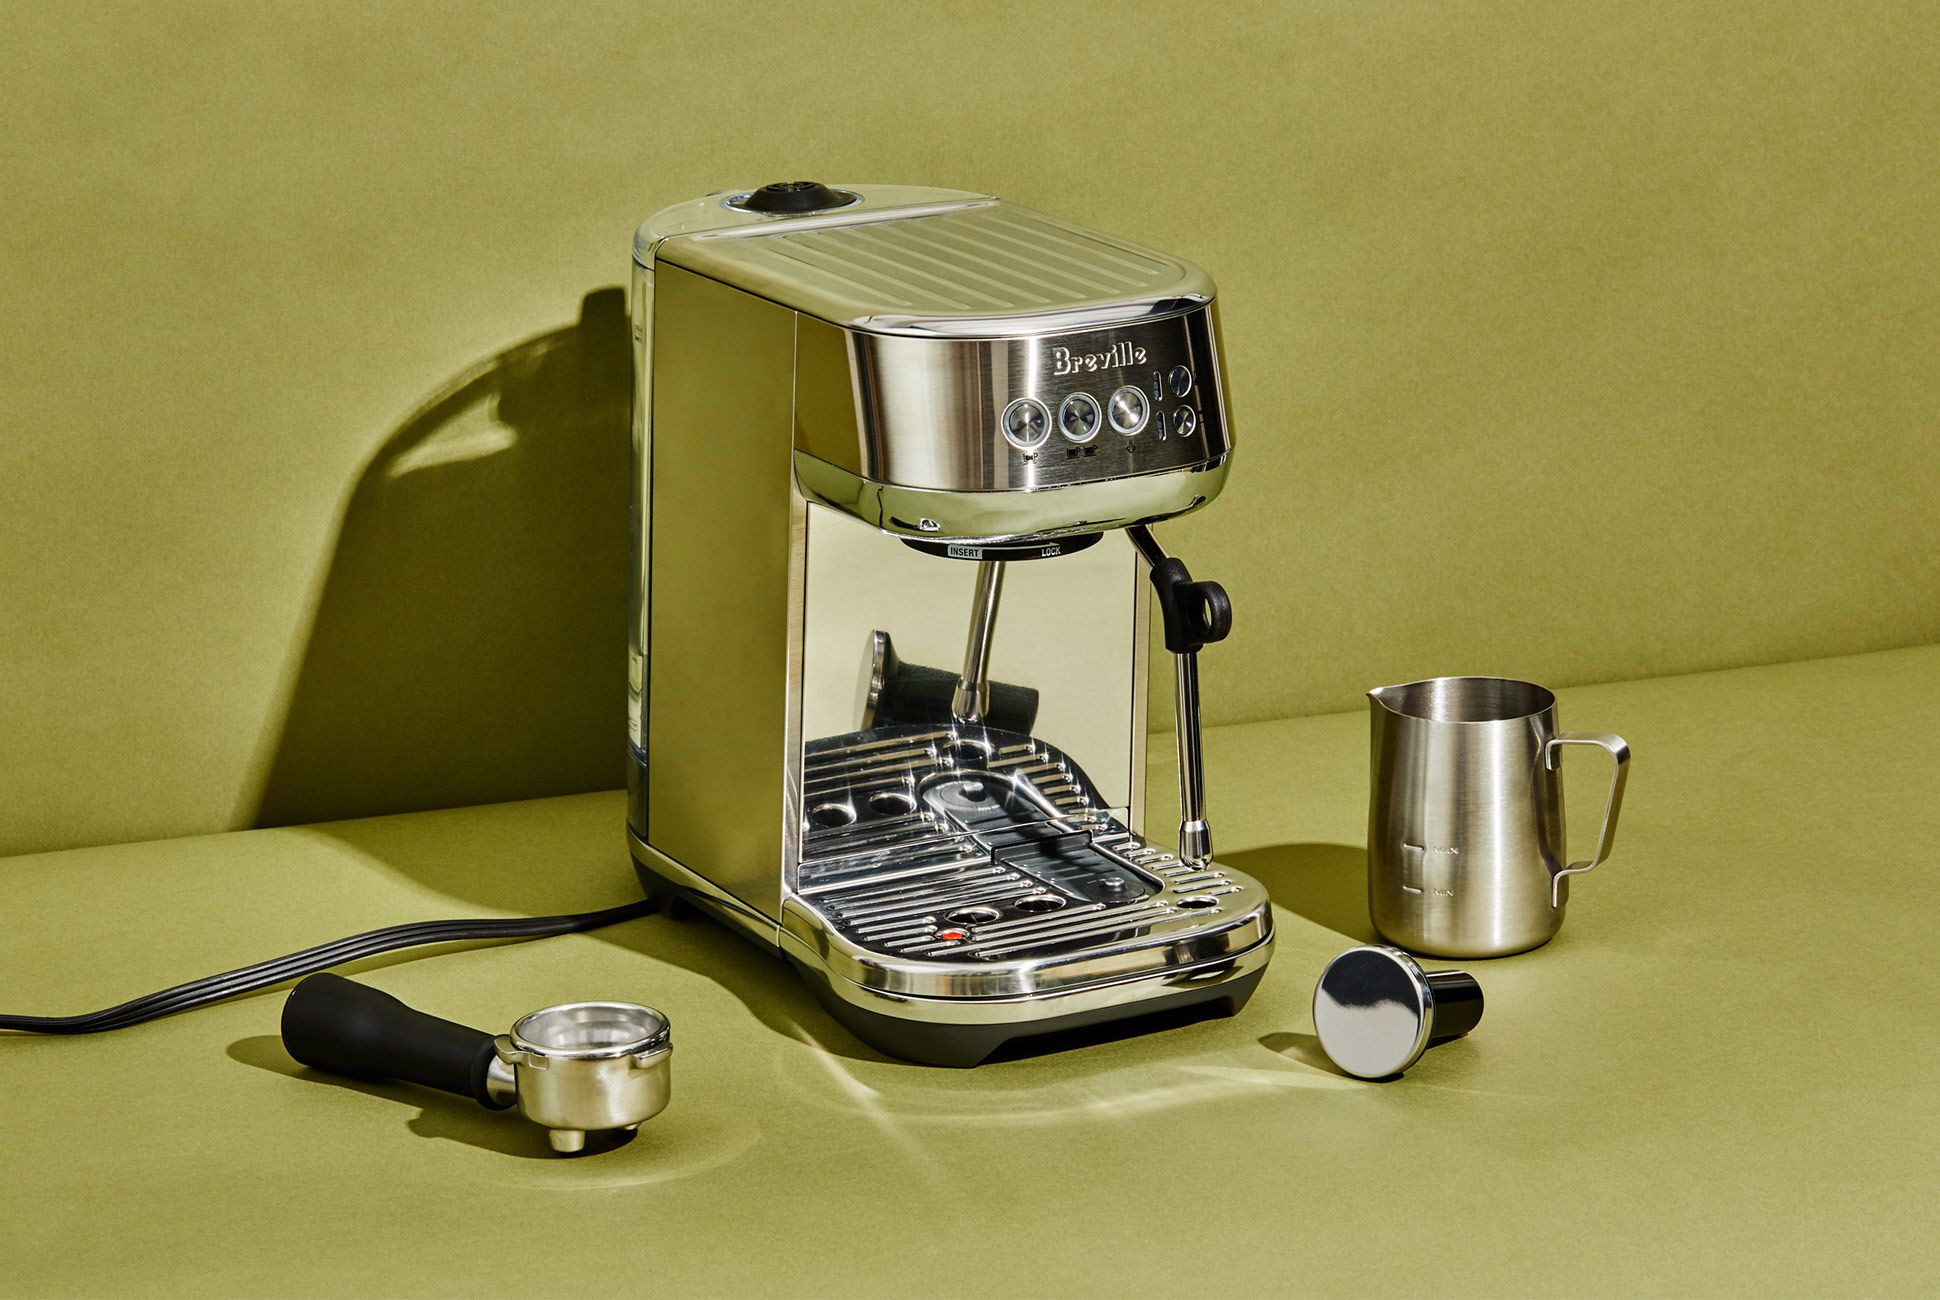 Breville Bambino Plus Review A Compact Espresso Machine